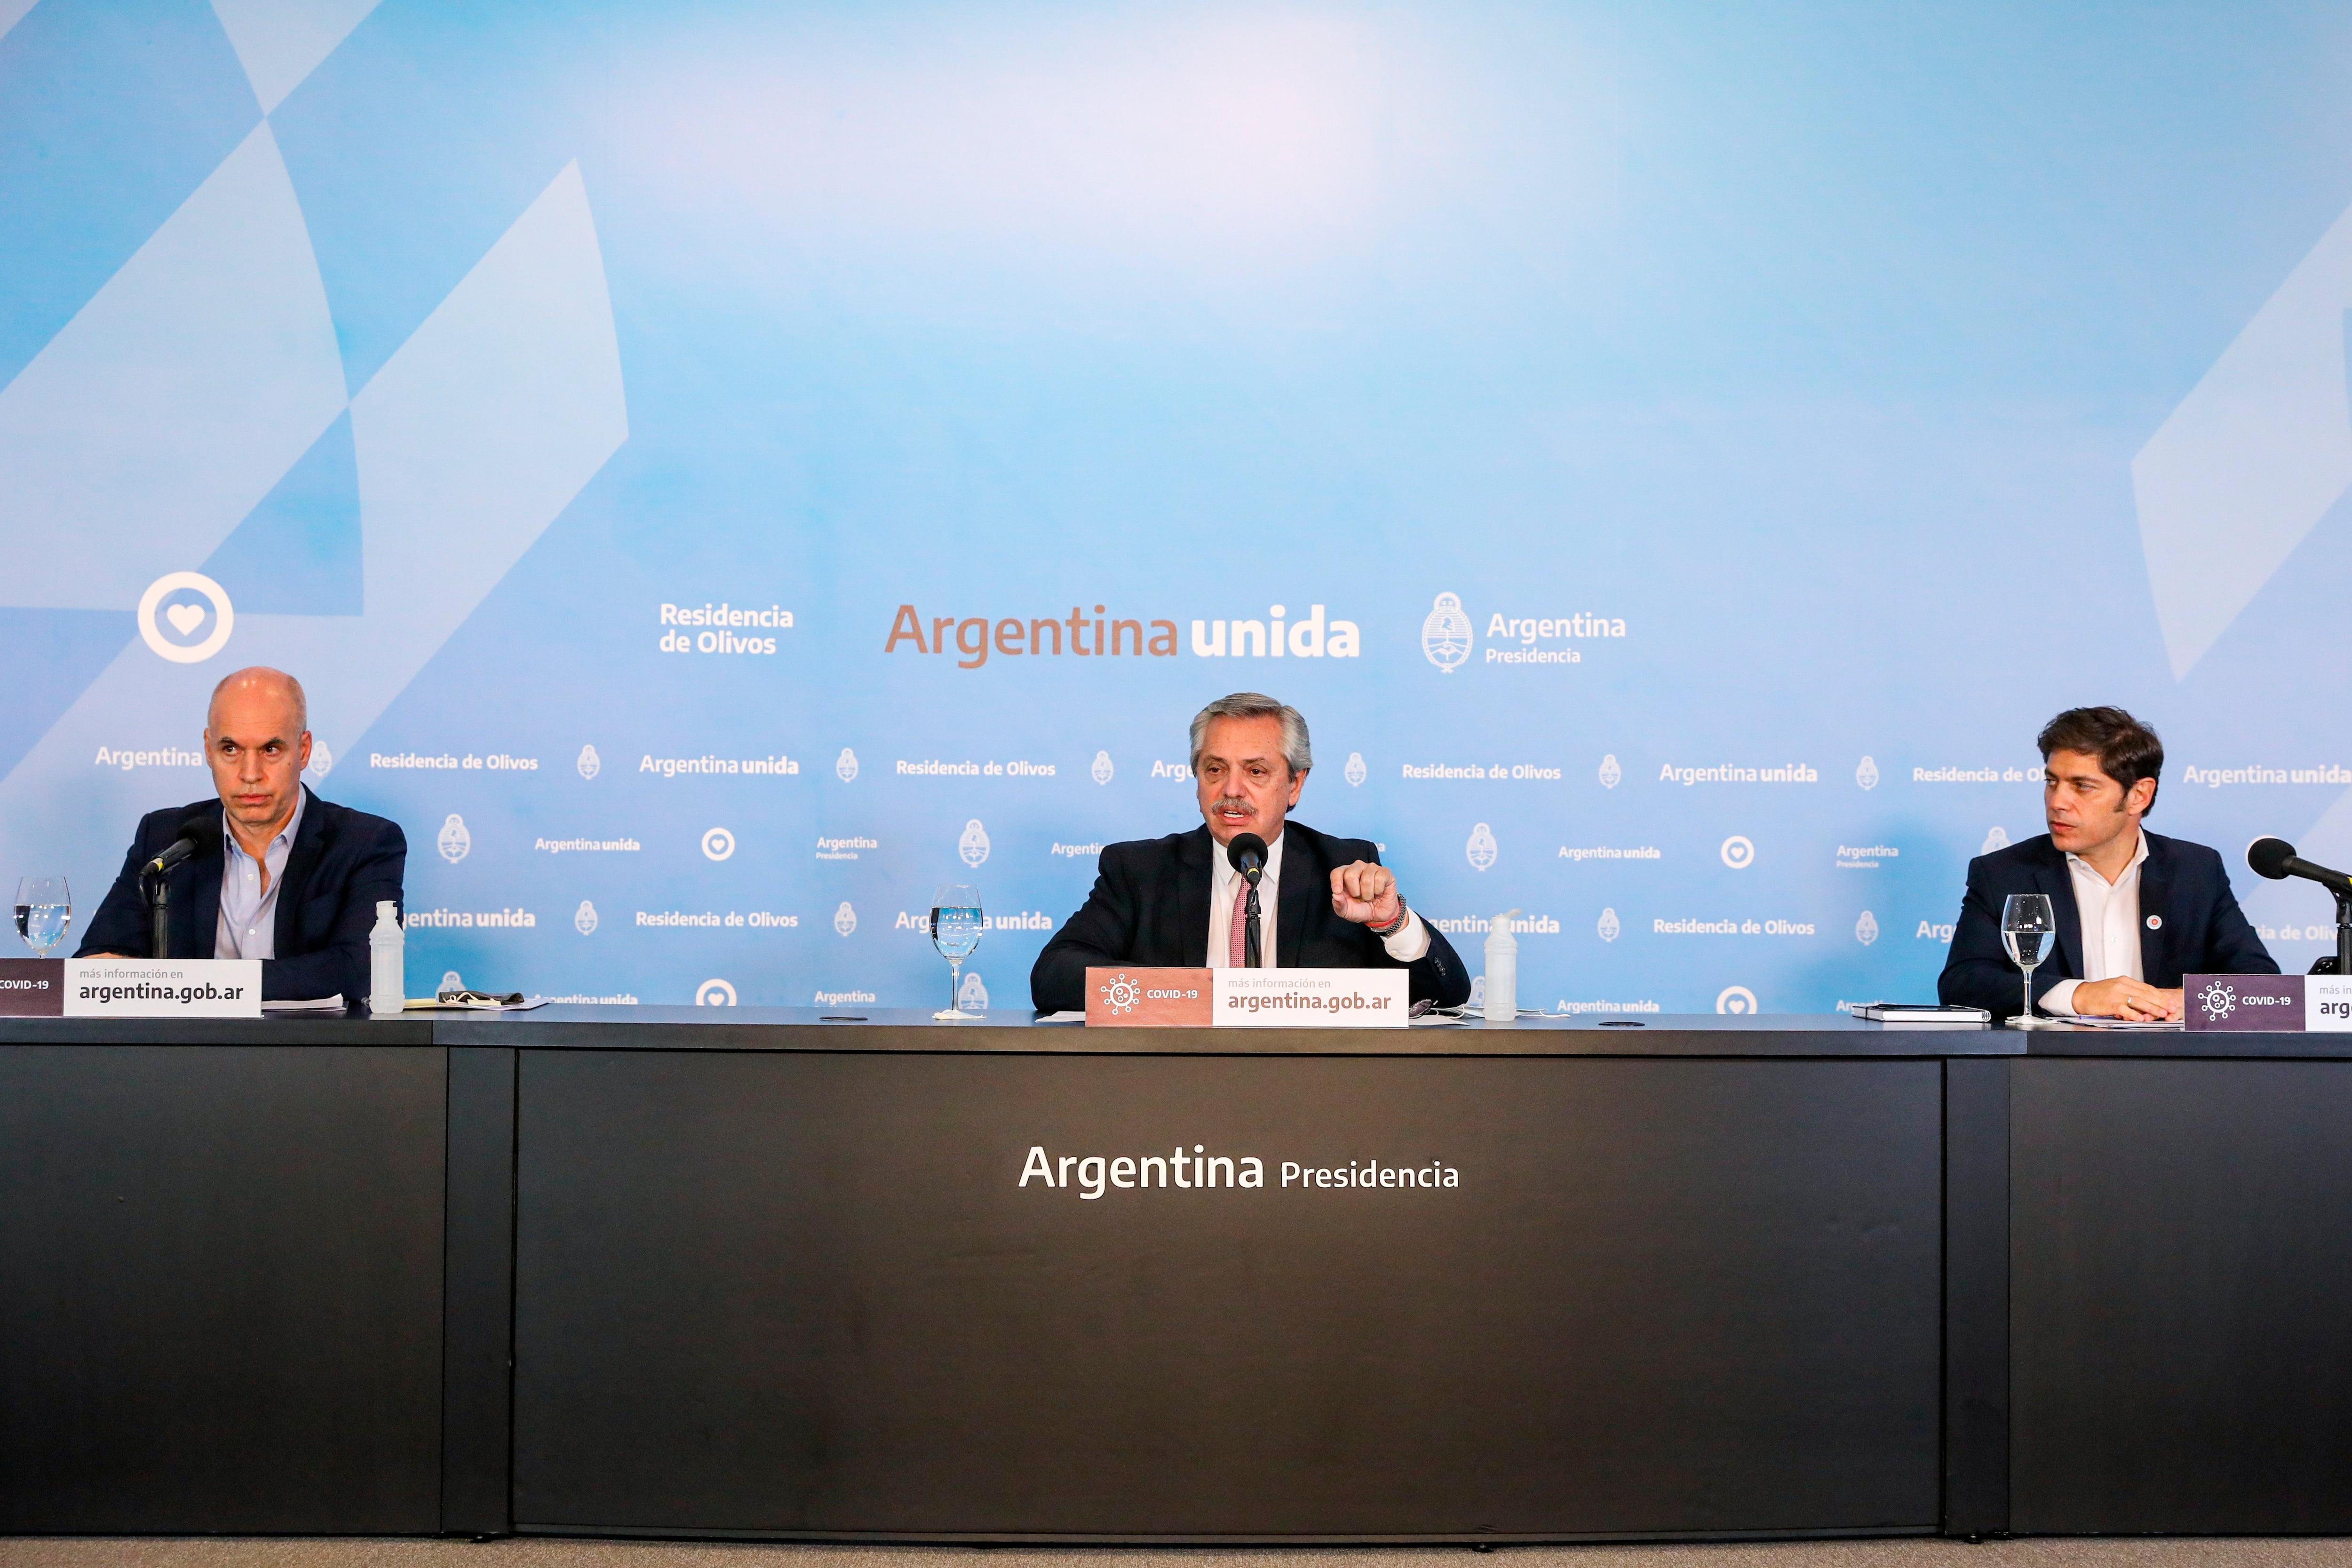 Horacio Rodríguez Larreta, Alberto Fernández, Axel Kicillof. (Presidencia de la Nación)